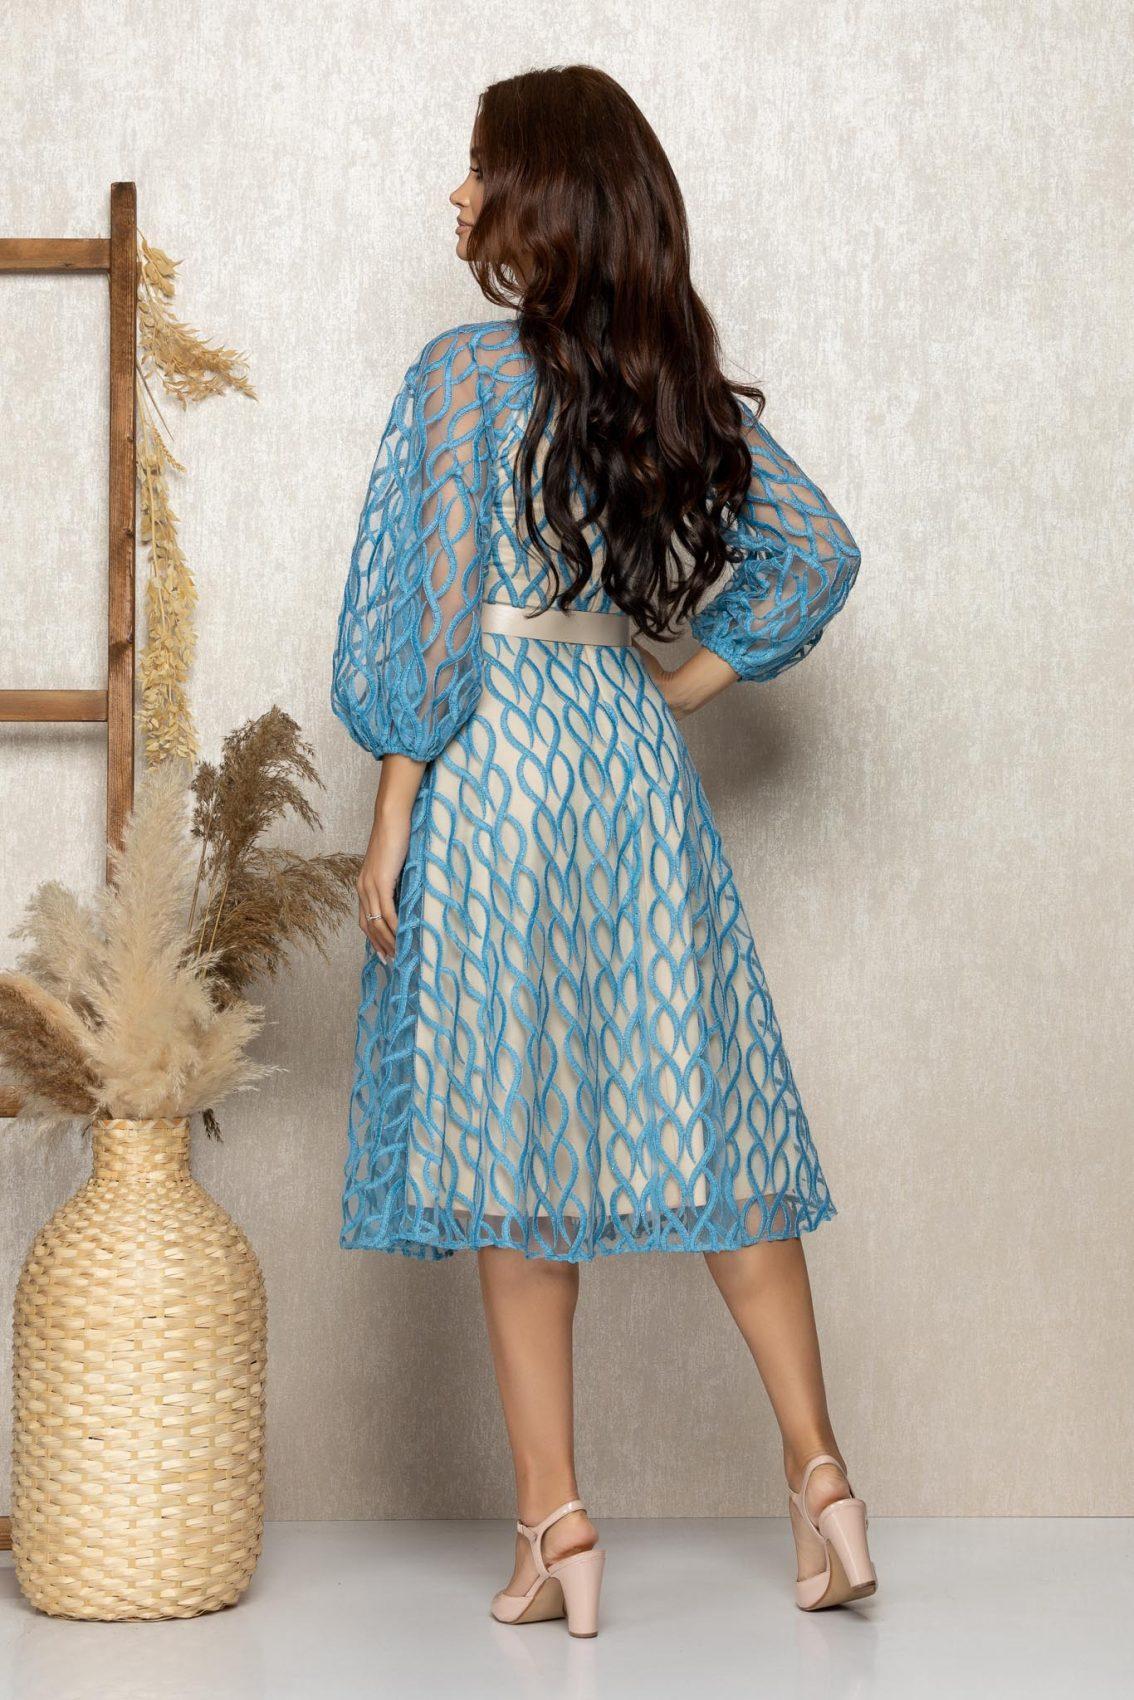 Μπλε Βραδινό Φόρεμα Με Διαφανές Μανίκια Adorra T317 2